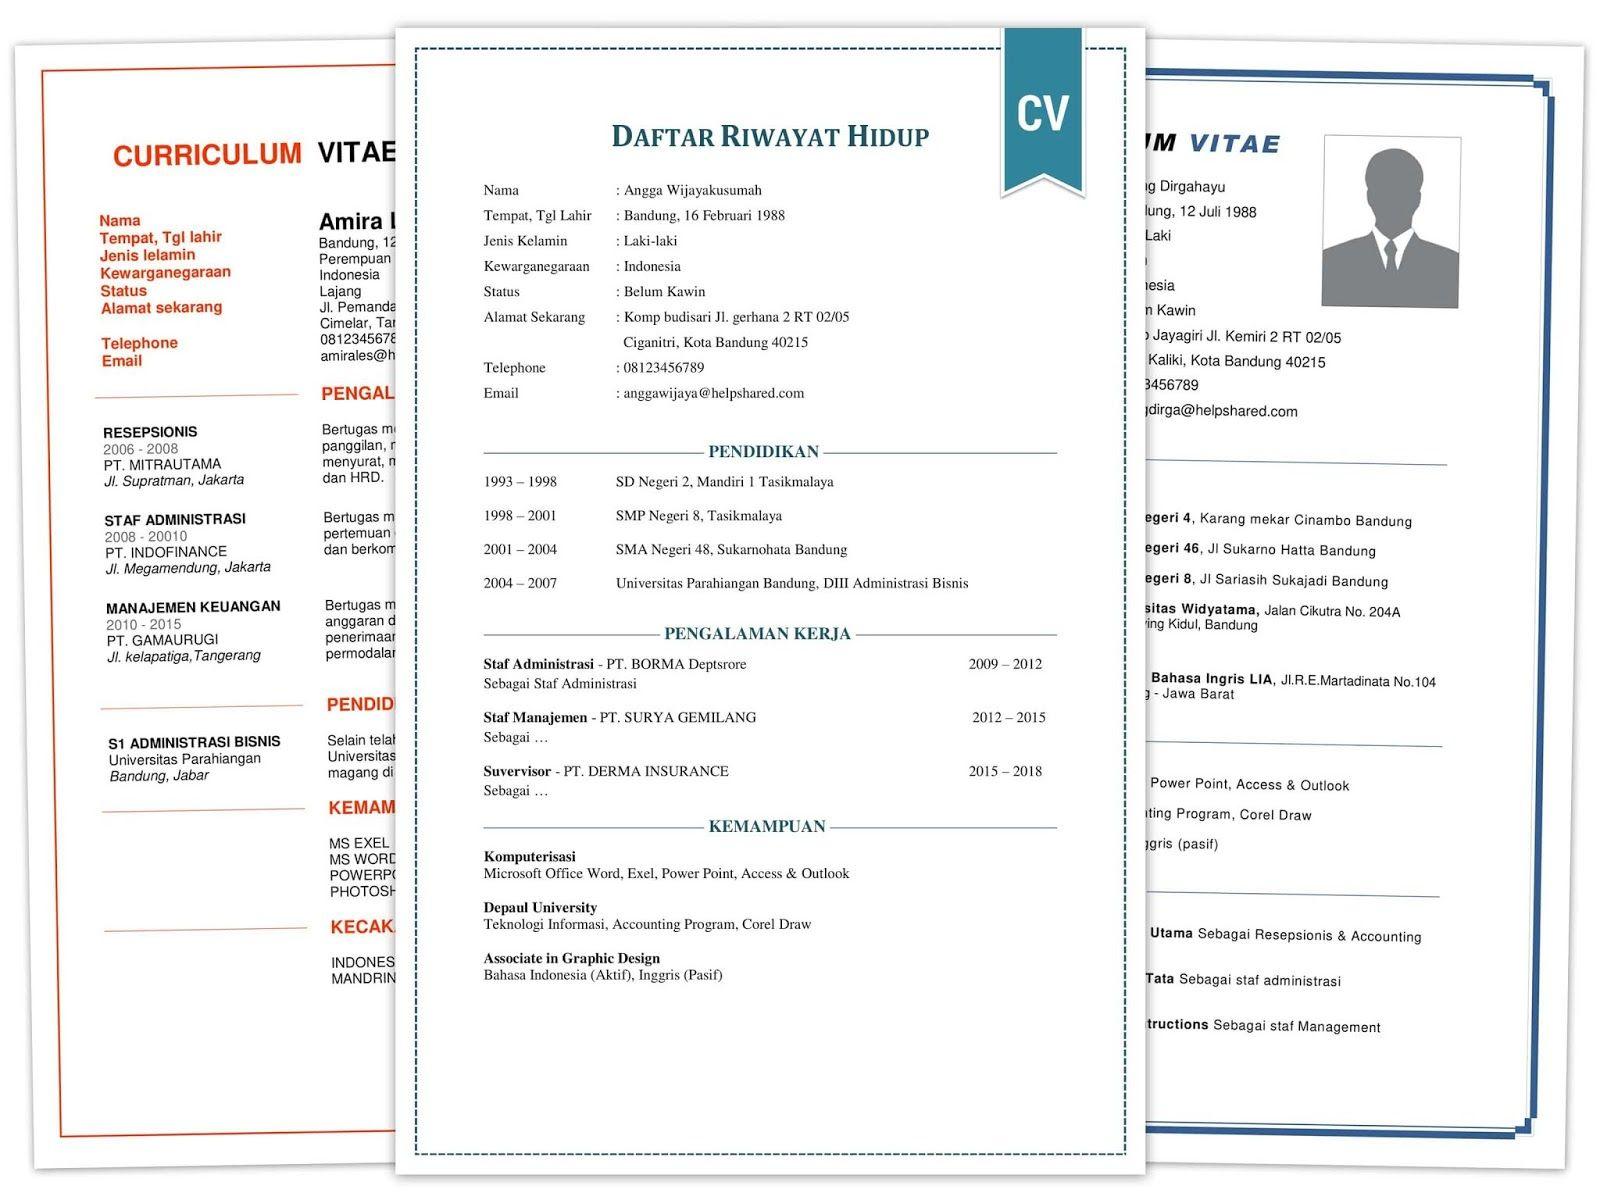 Contoh Daftar Riwayat Hidup CV format DOC PDF yang Baik